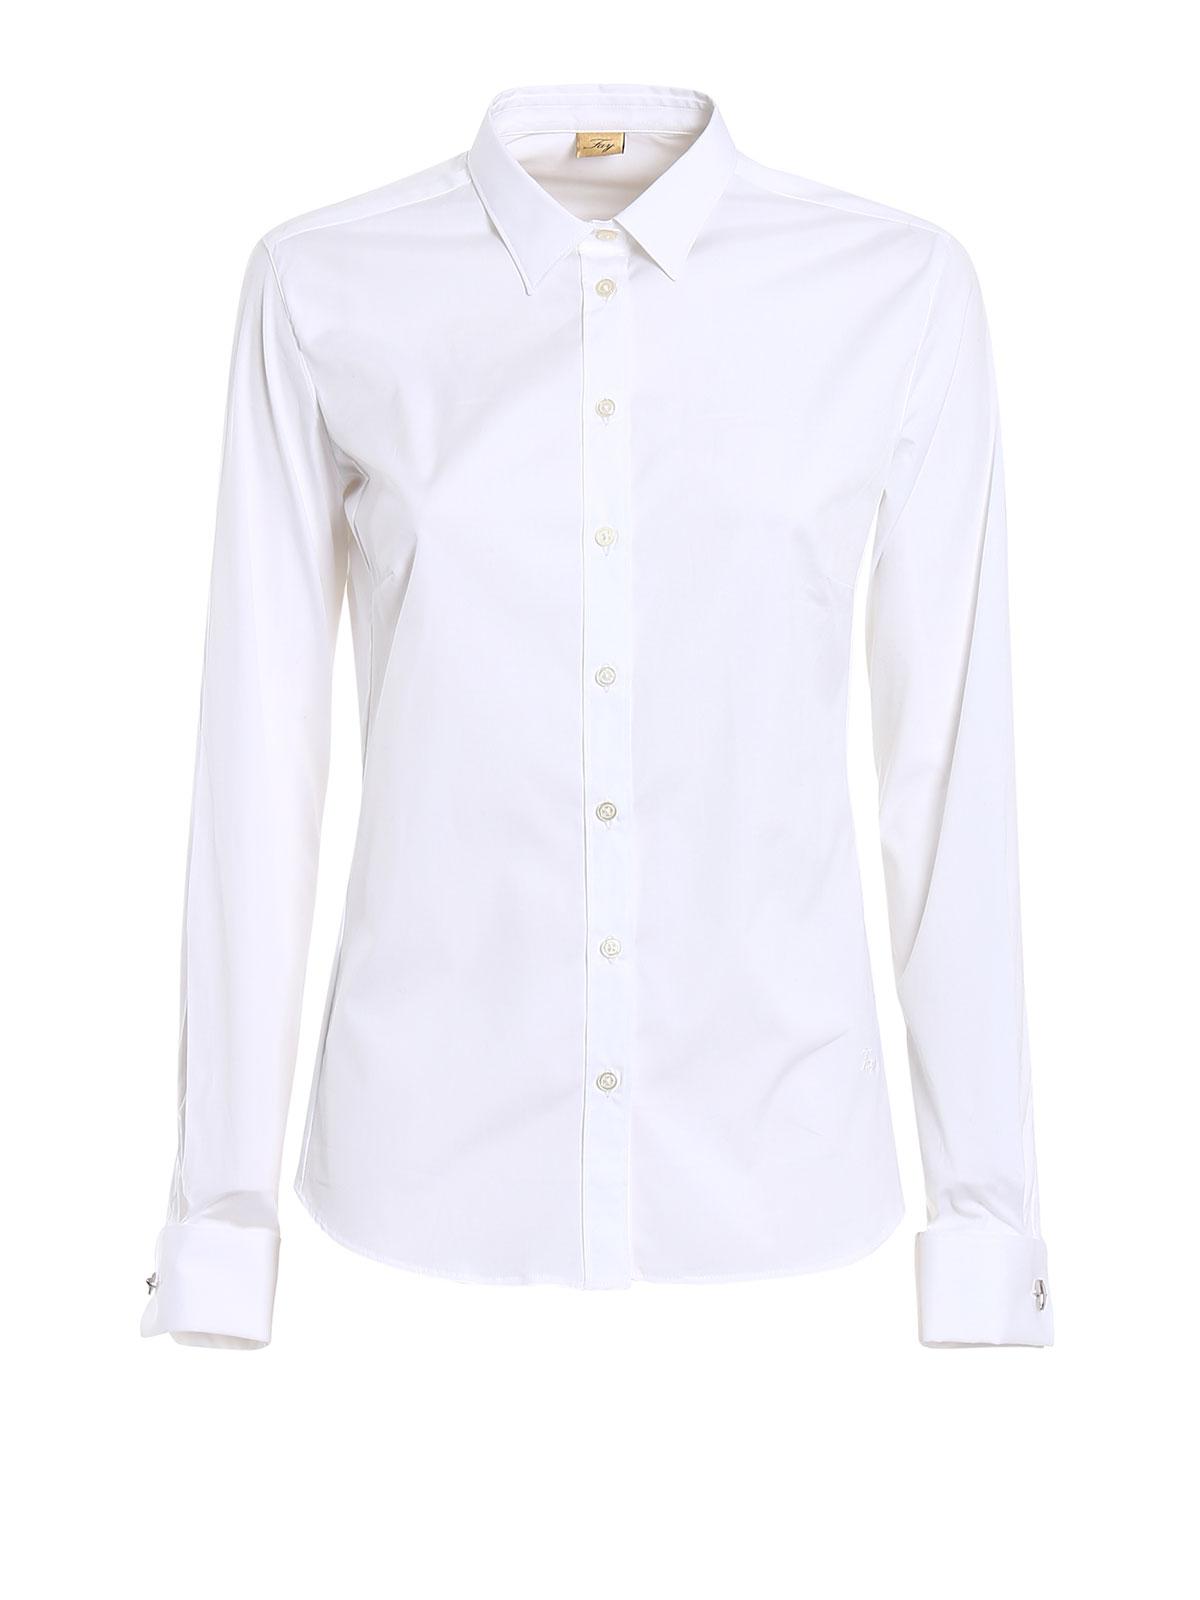 online retailer 53634 6a33a Fay - Camicia con gemelli a gancio - camicie ...